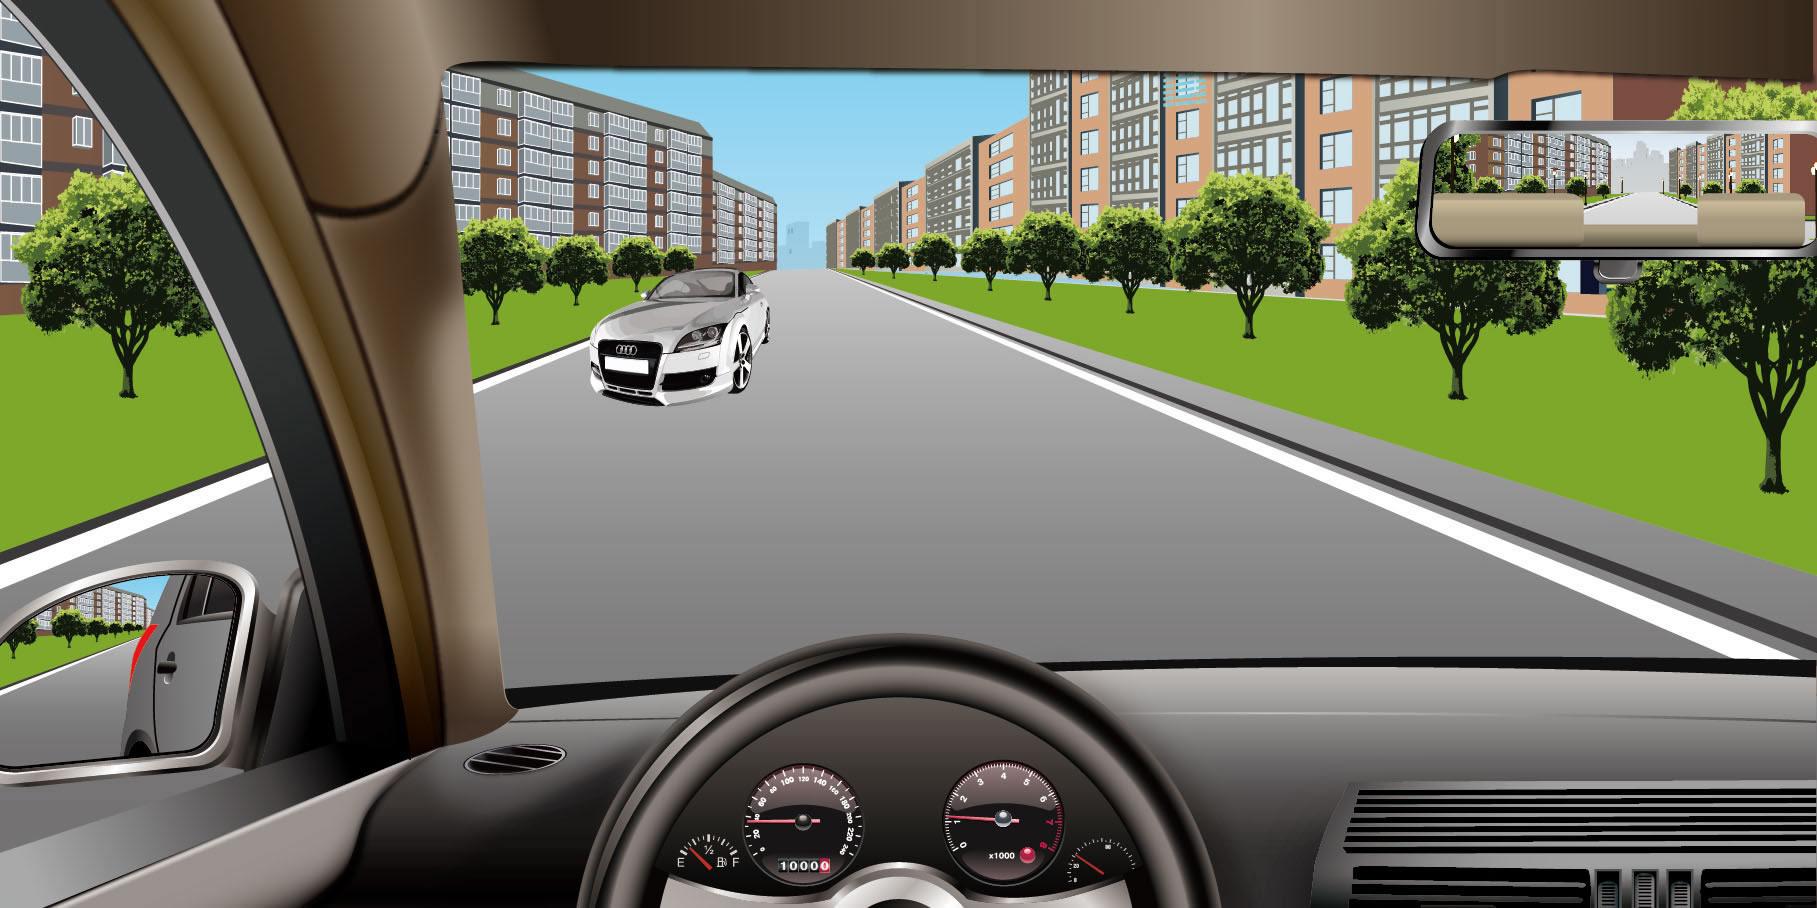 如图所示,在这种情况下,会车时必须减速靠右通过。